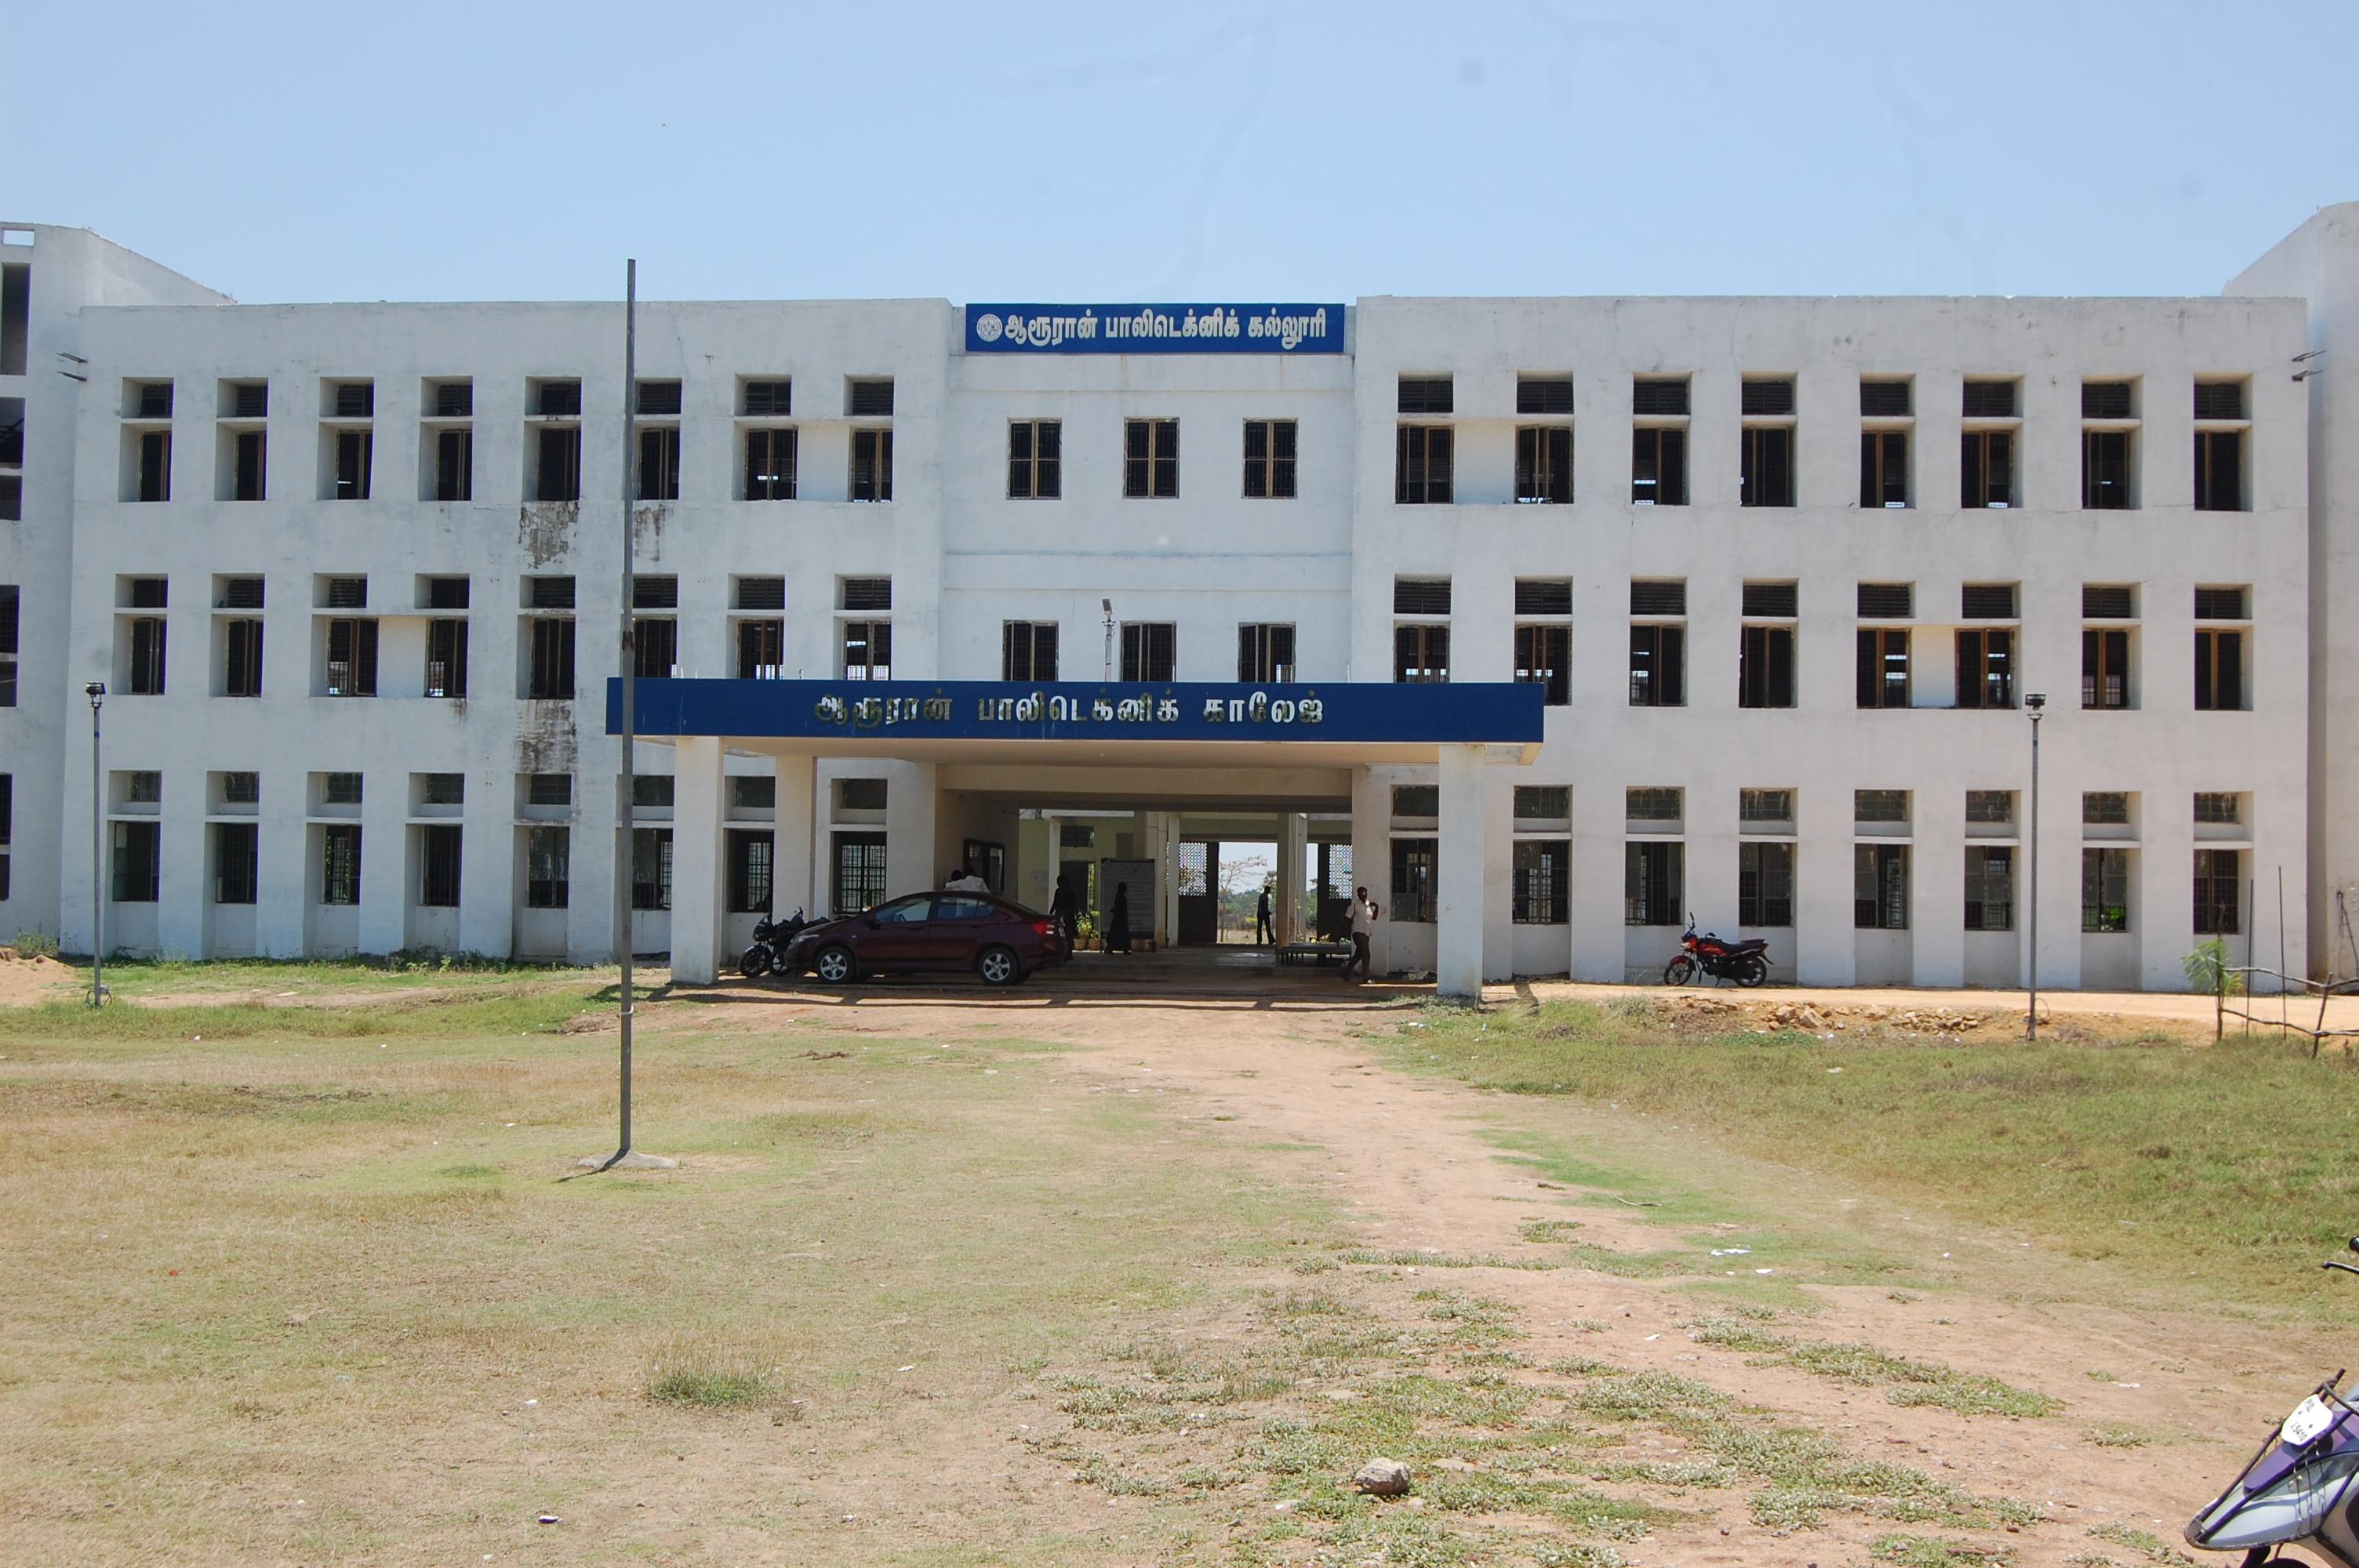 Aarooran Polytechnic College